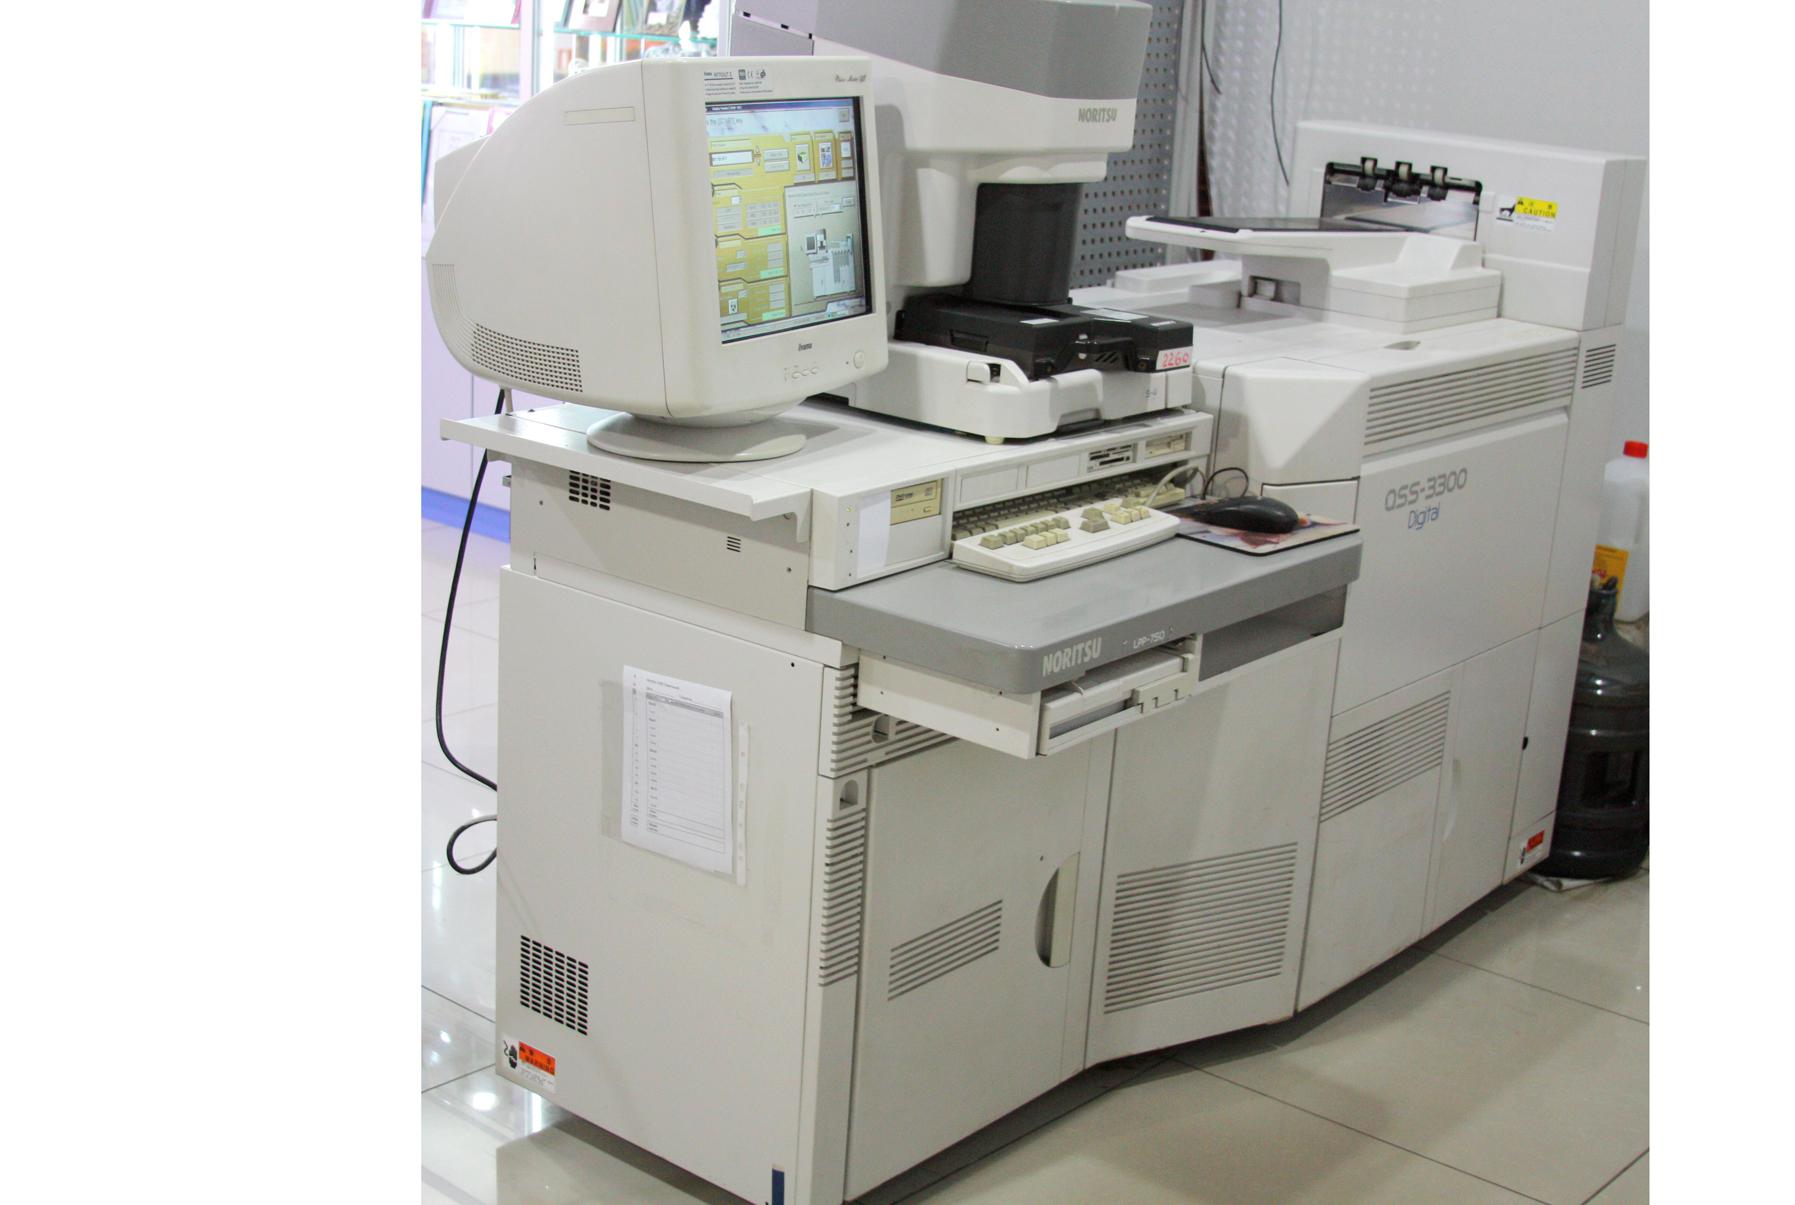 добронравов редко печатающее оборудование для фотолабораторий есть те